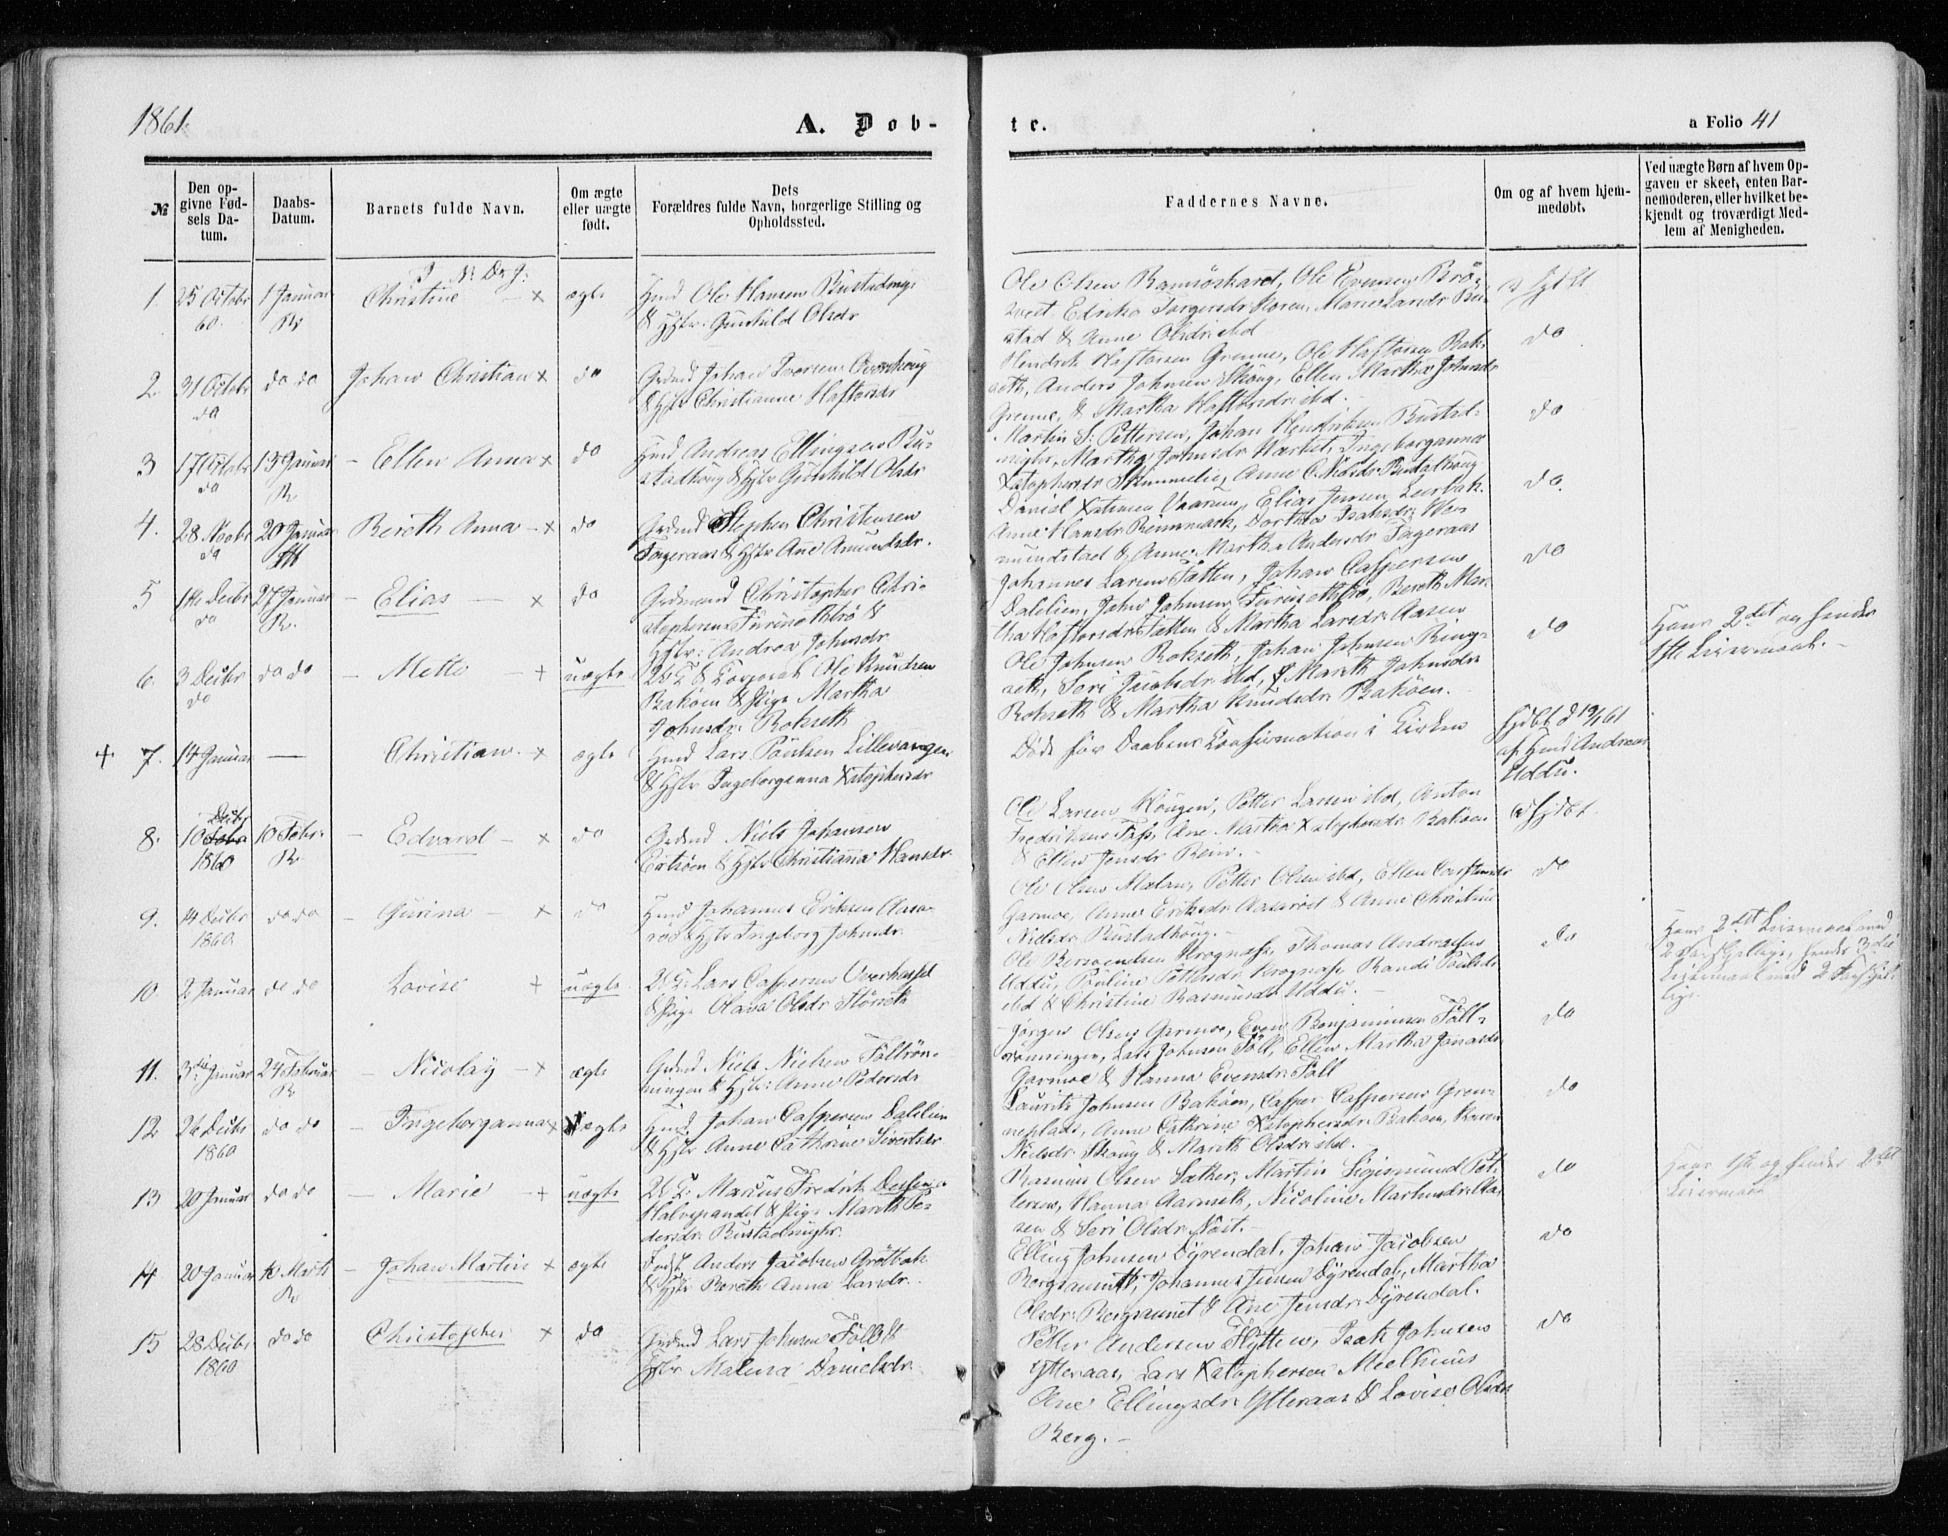 SAT, Ministerialprotokoller, klokkerbøker og fødselsregistre - Sør-Trøndelag, 646/L0612: Ministerialbok nr. 646A10, 1858-1869, s. 41